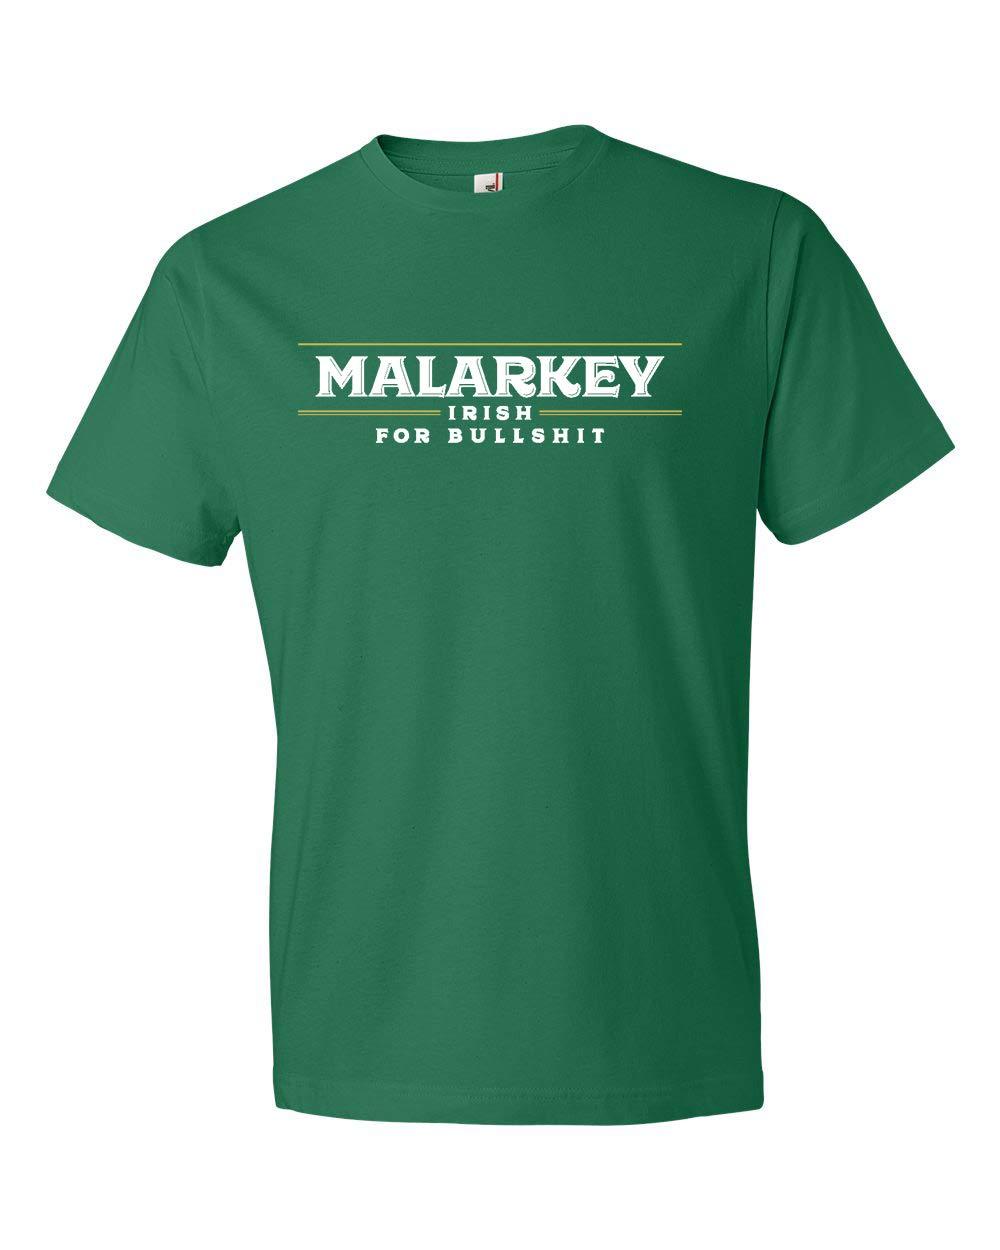 Panoware S Irish St Patricks Day T Shirt Lucky Charm Shamrock